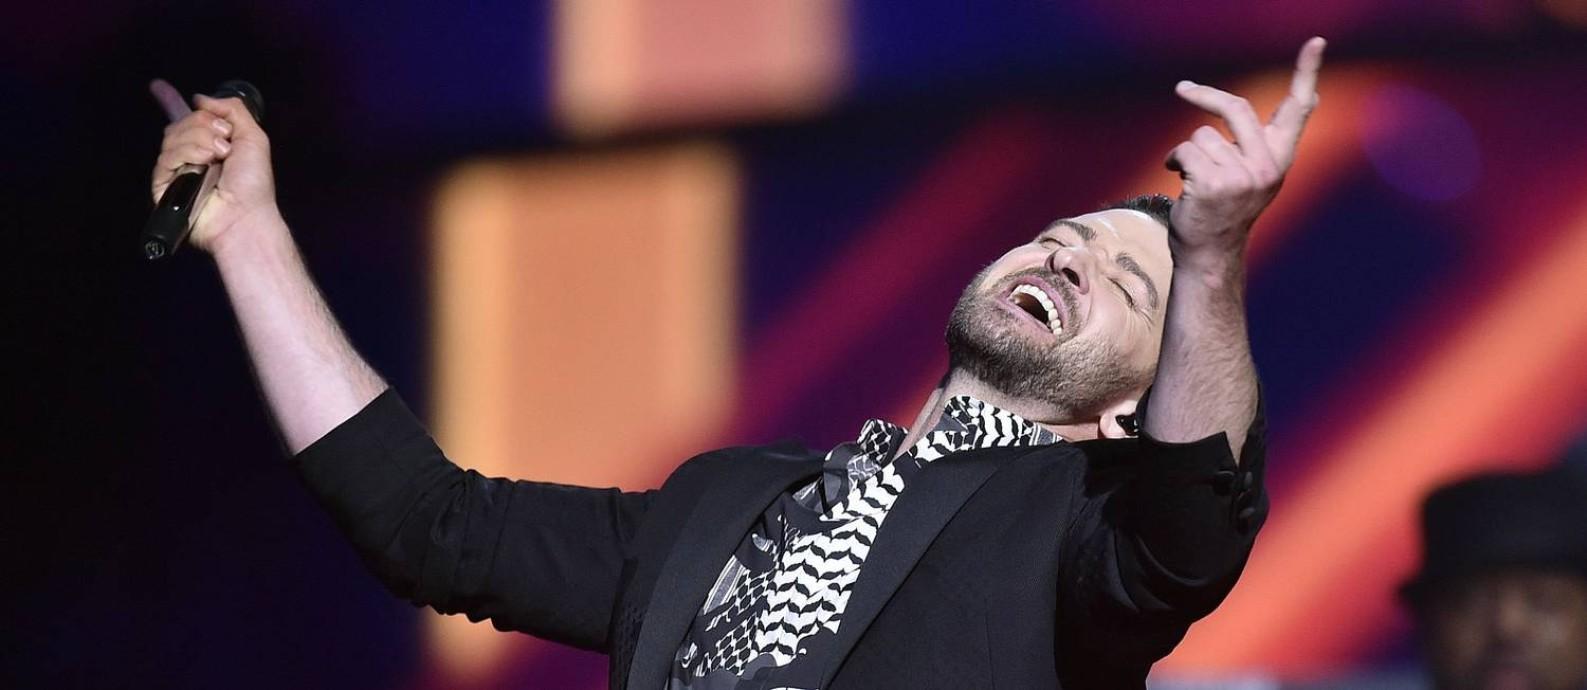 Justin participou do Rock in Rio em 2001, ainda com o N'Sync, e depois em 2013, no Rio, e em 2014, em Lisboa Foto: Martin Meissner / AP